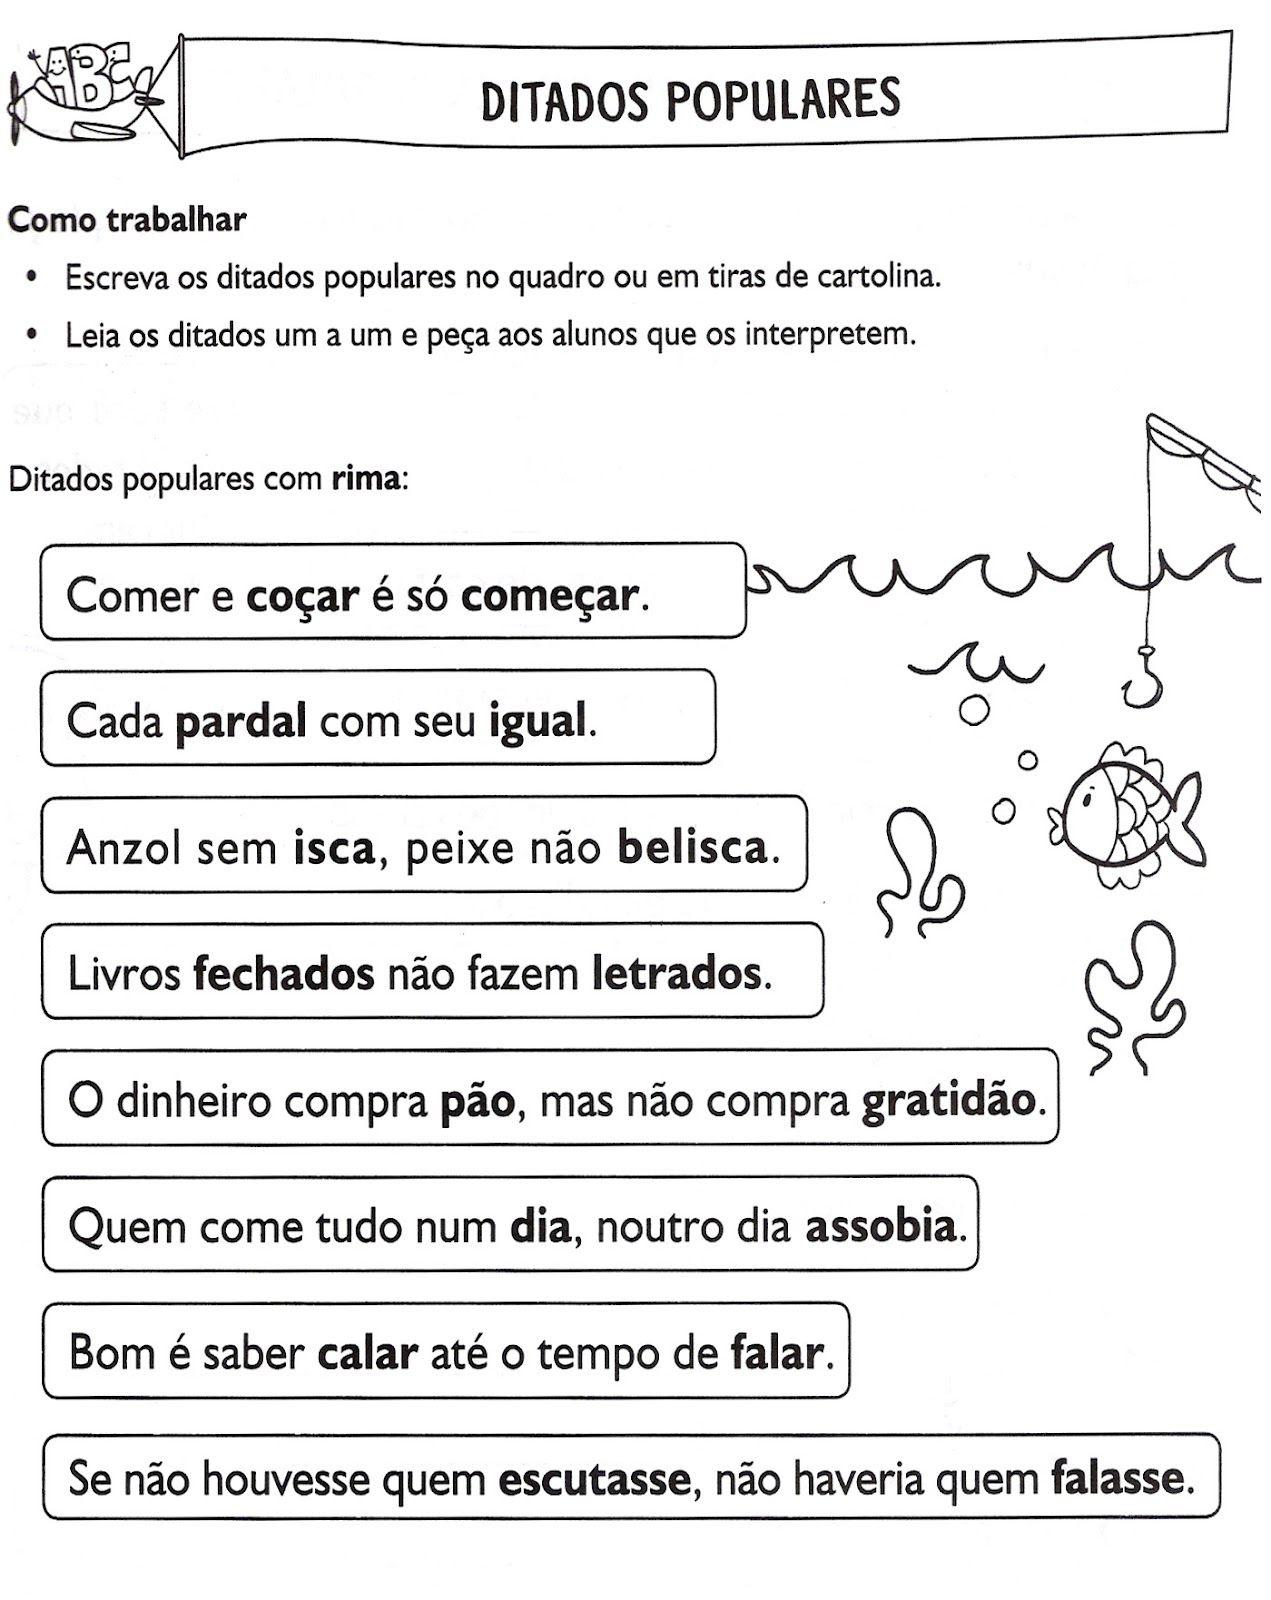 Pin De Tania Correia Em Proverbios E Ditados Populares Com